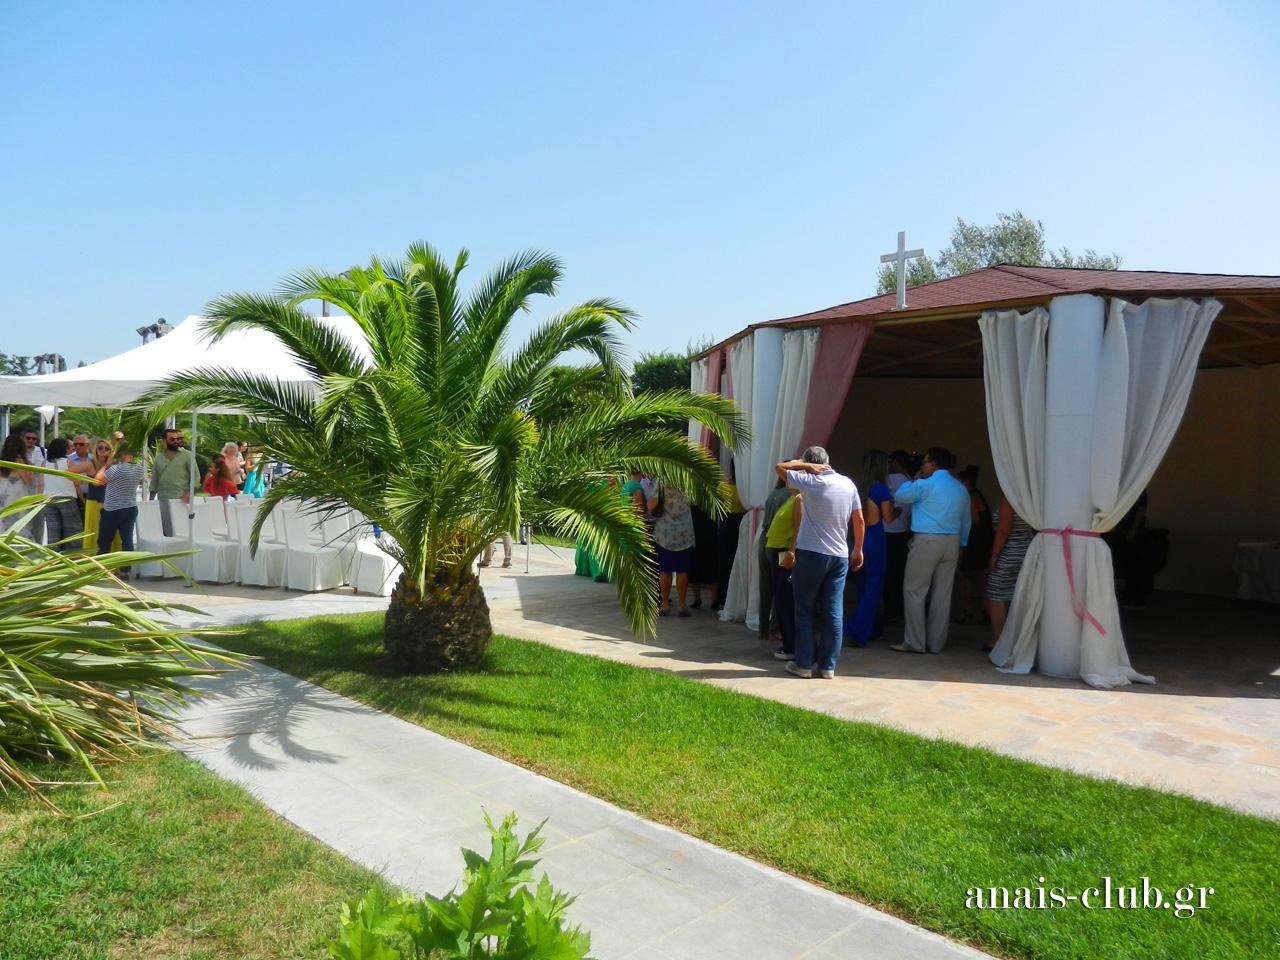 Η βάπτιση της Λυδίας στο εκκλησάκι και η δεξίωση στο Anais Club